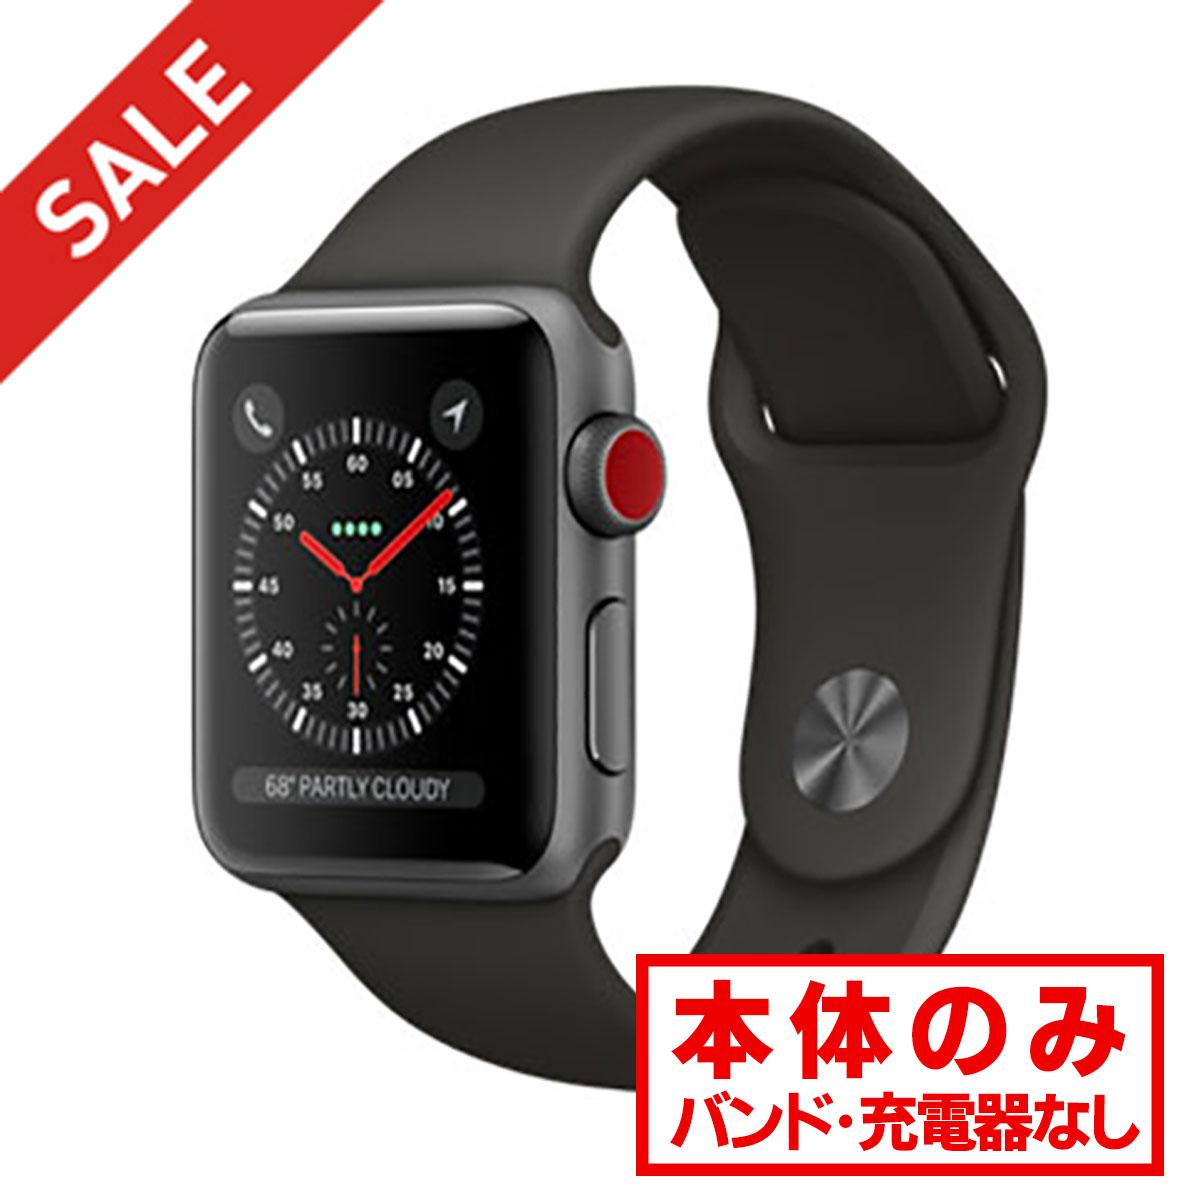 アップルウォッチ 本体 Apple Watch Series 3 GPS + Cellularモデル 42mm アルミニウム [スペースグレイ] MR302J/A